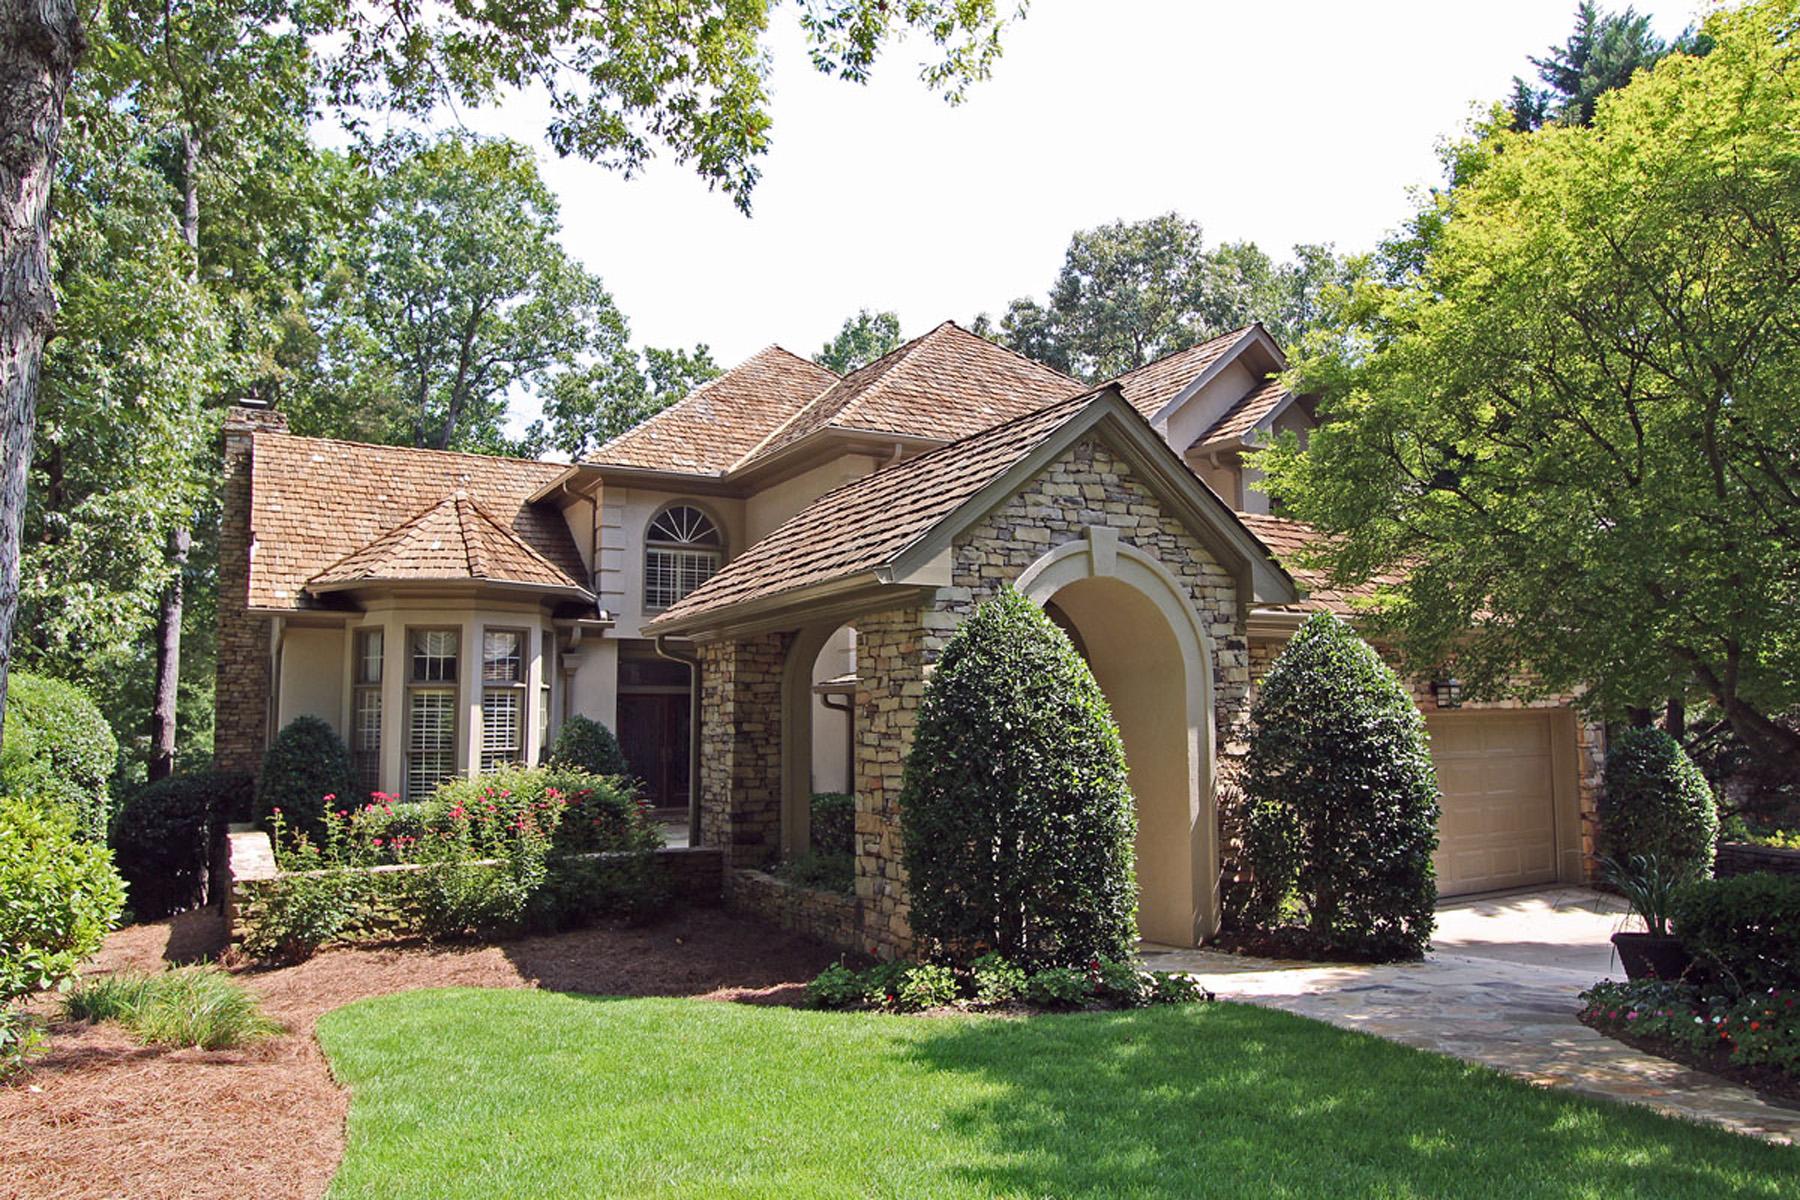 단독 가정 주택 용 매매 에 Elegant, Versatile Home 4205 Fairway Villas Drive Alpharetta, 조지아, 30022 미국